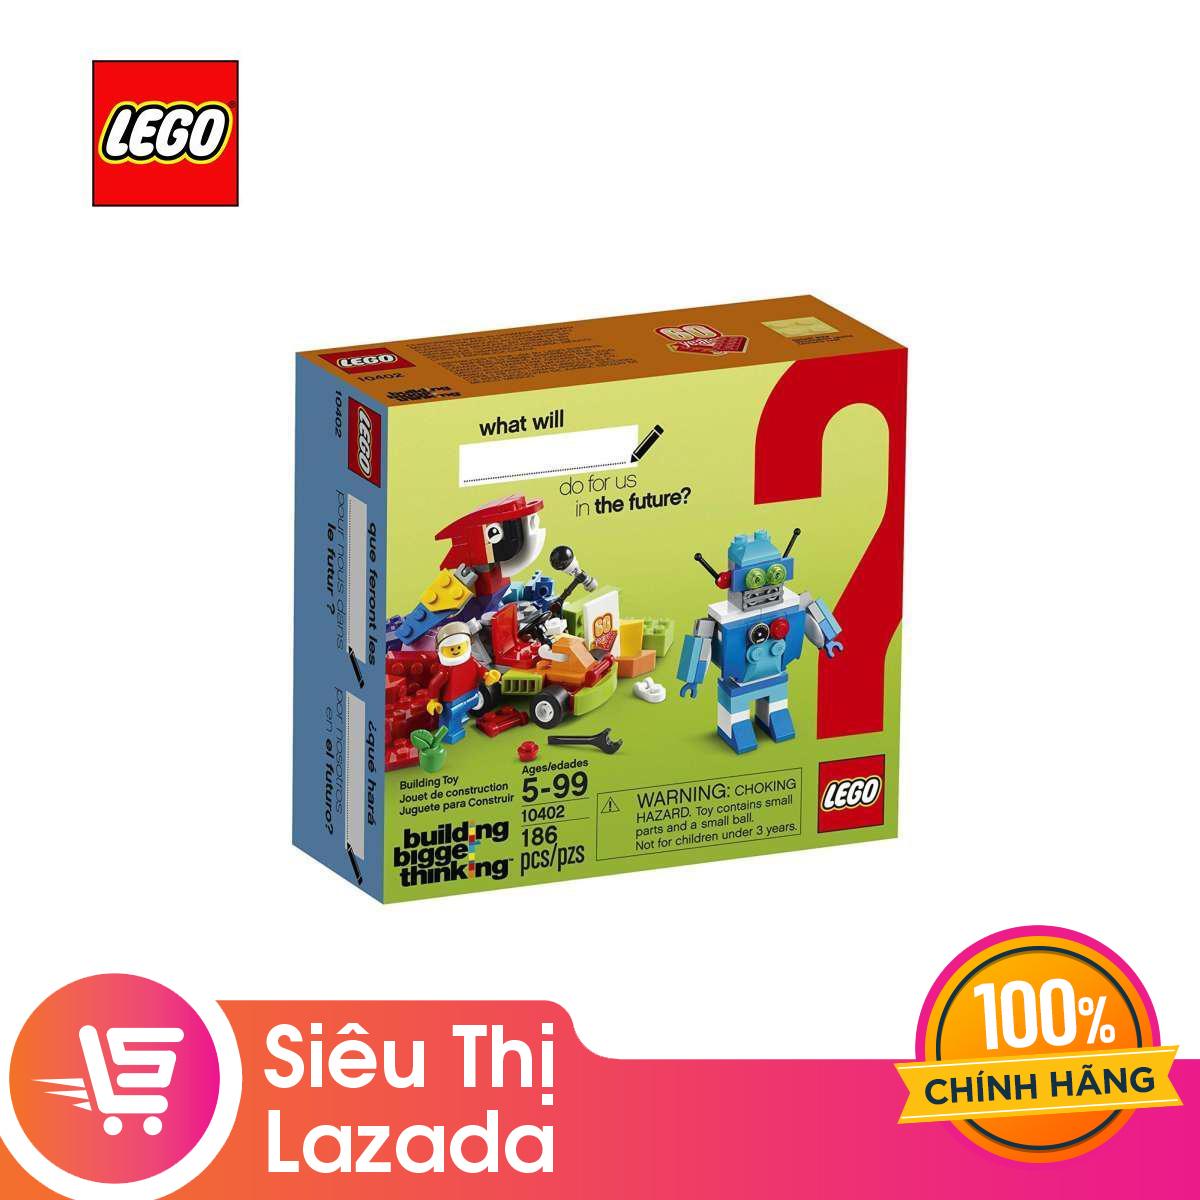 Giá Quá Tốt Để Có [Voucher Freeship 30k]Thùng Gạch Tương Lai Vui Nhộn LEGO BRANDCAMPAIGN - 10402 (186 Chi Tiết)